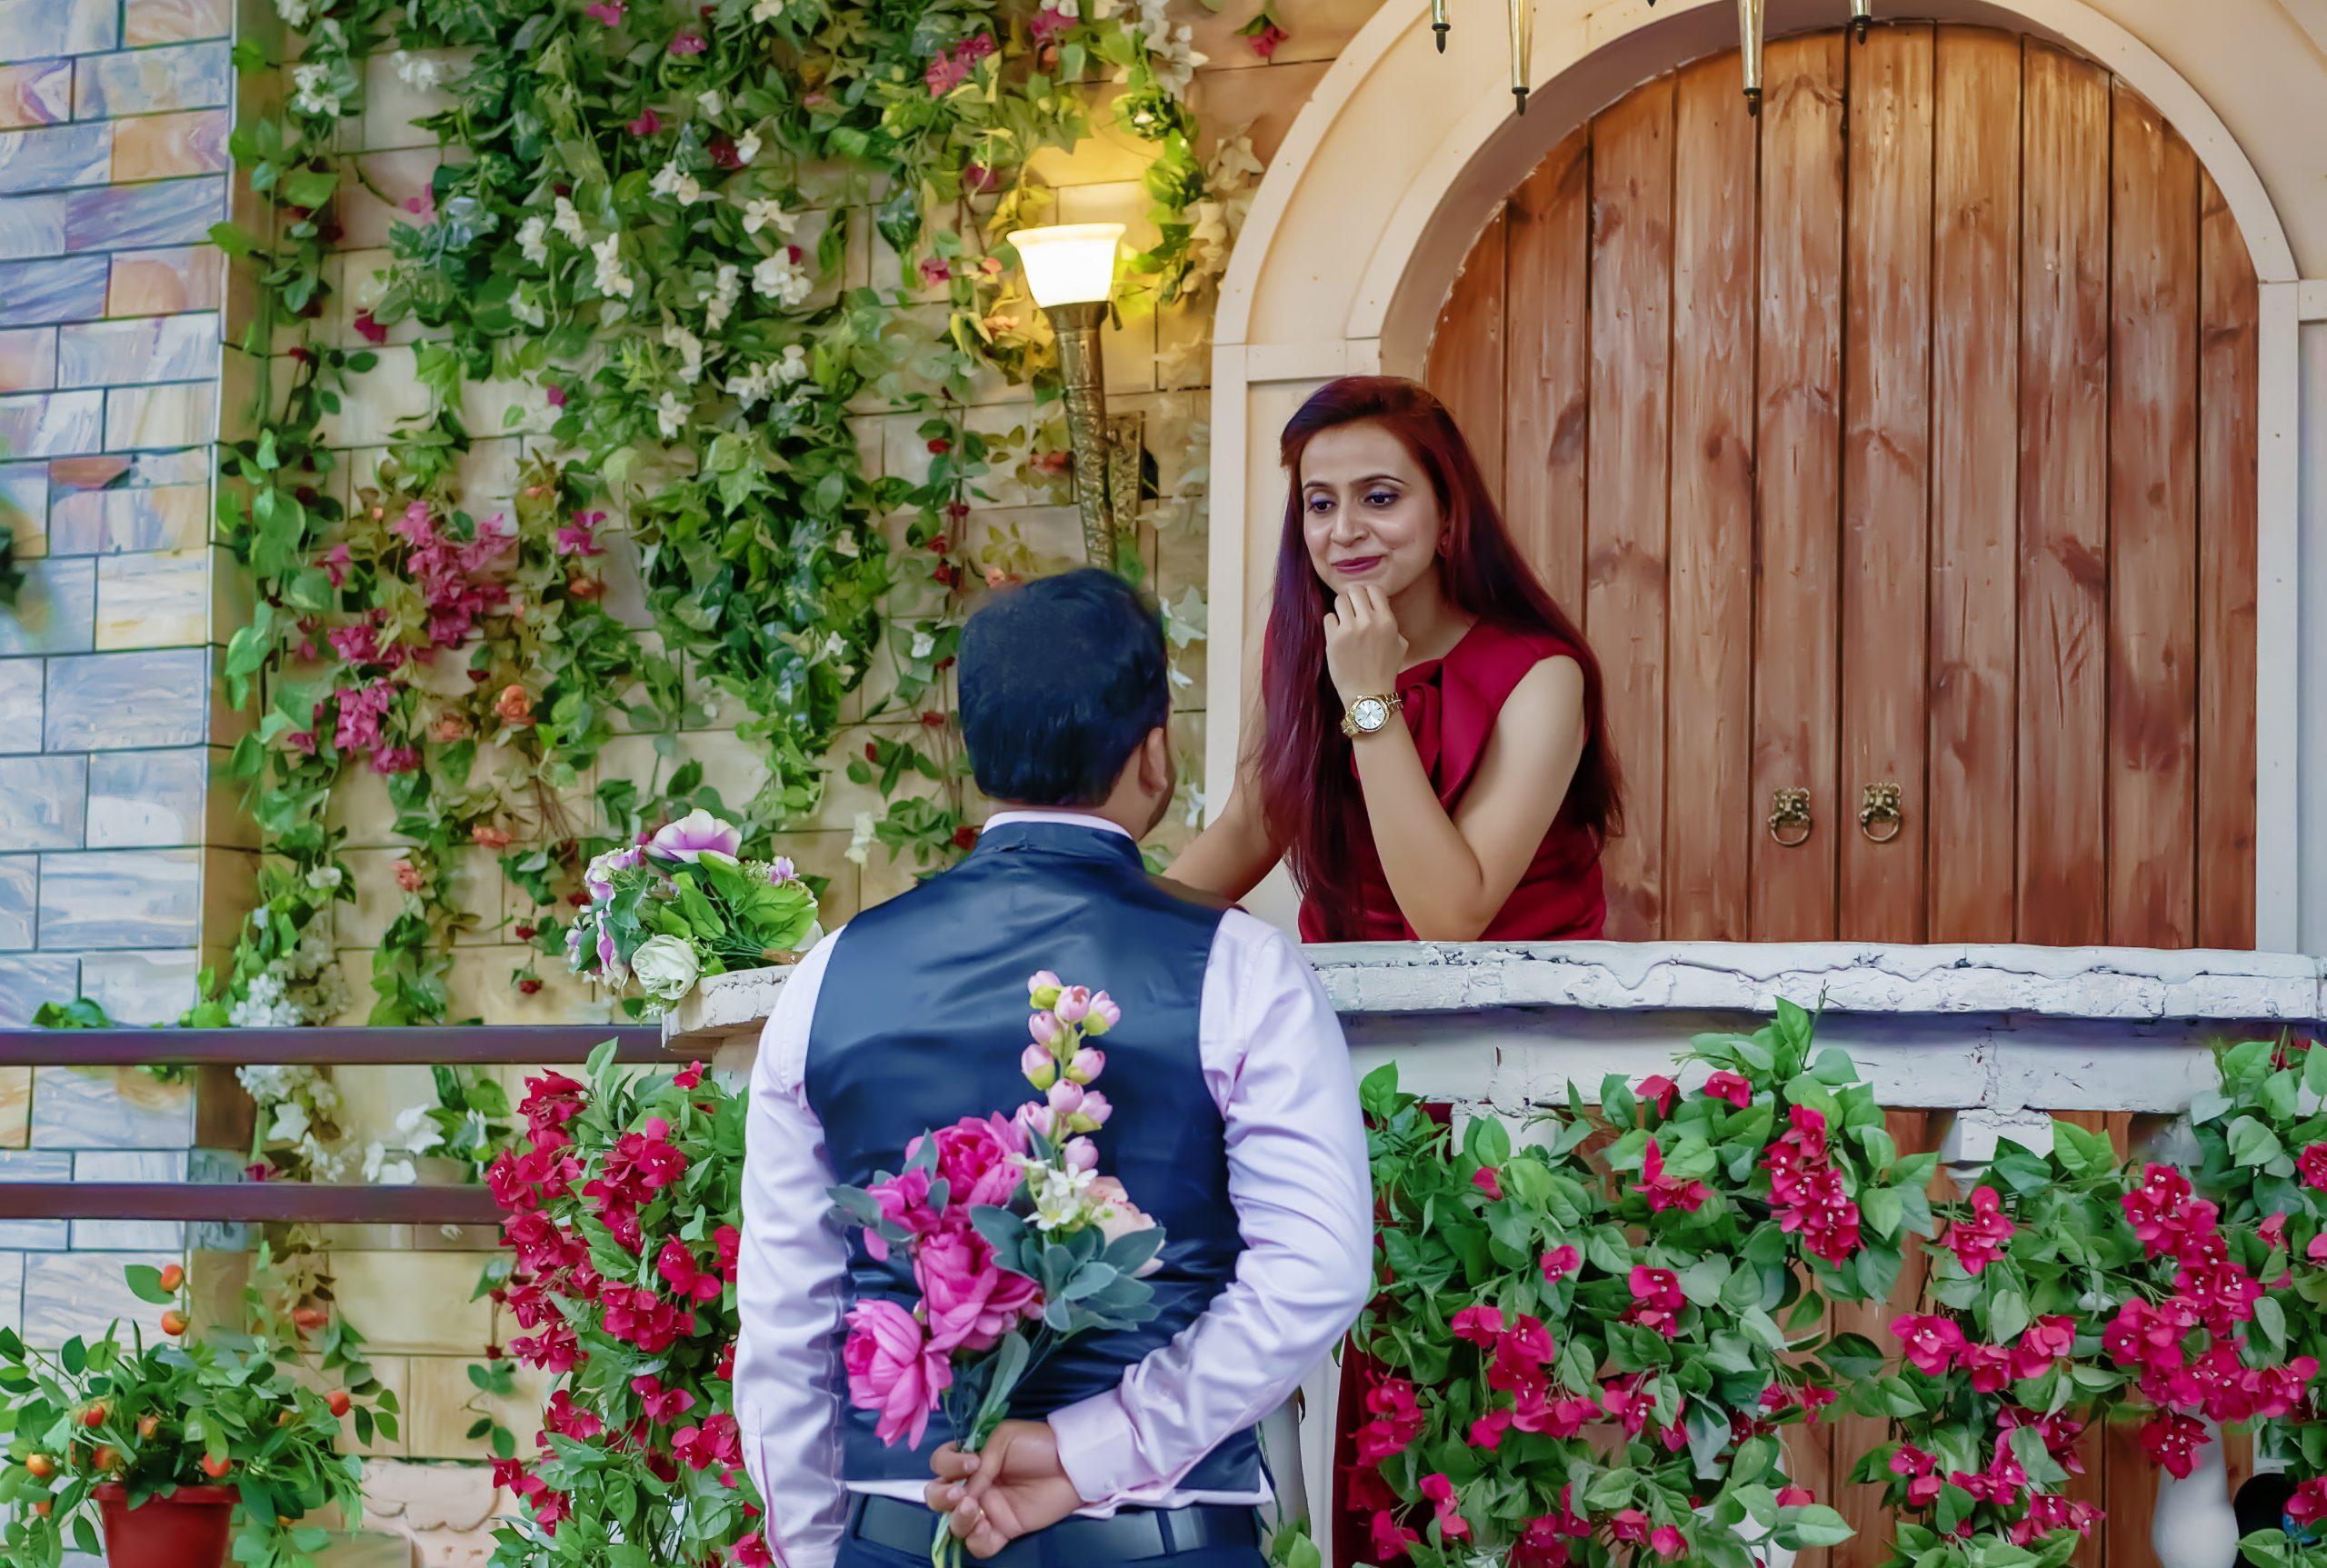 A boy proposing to a girl